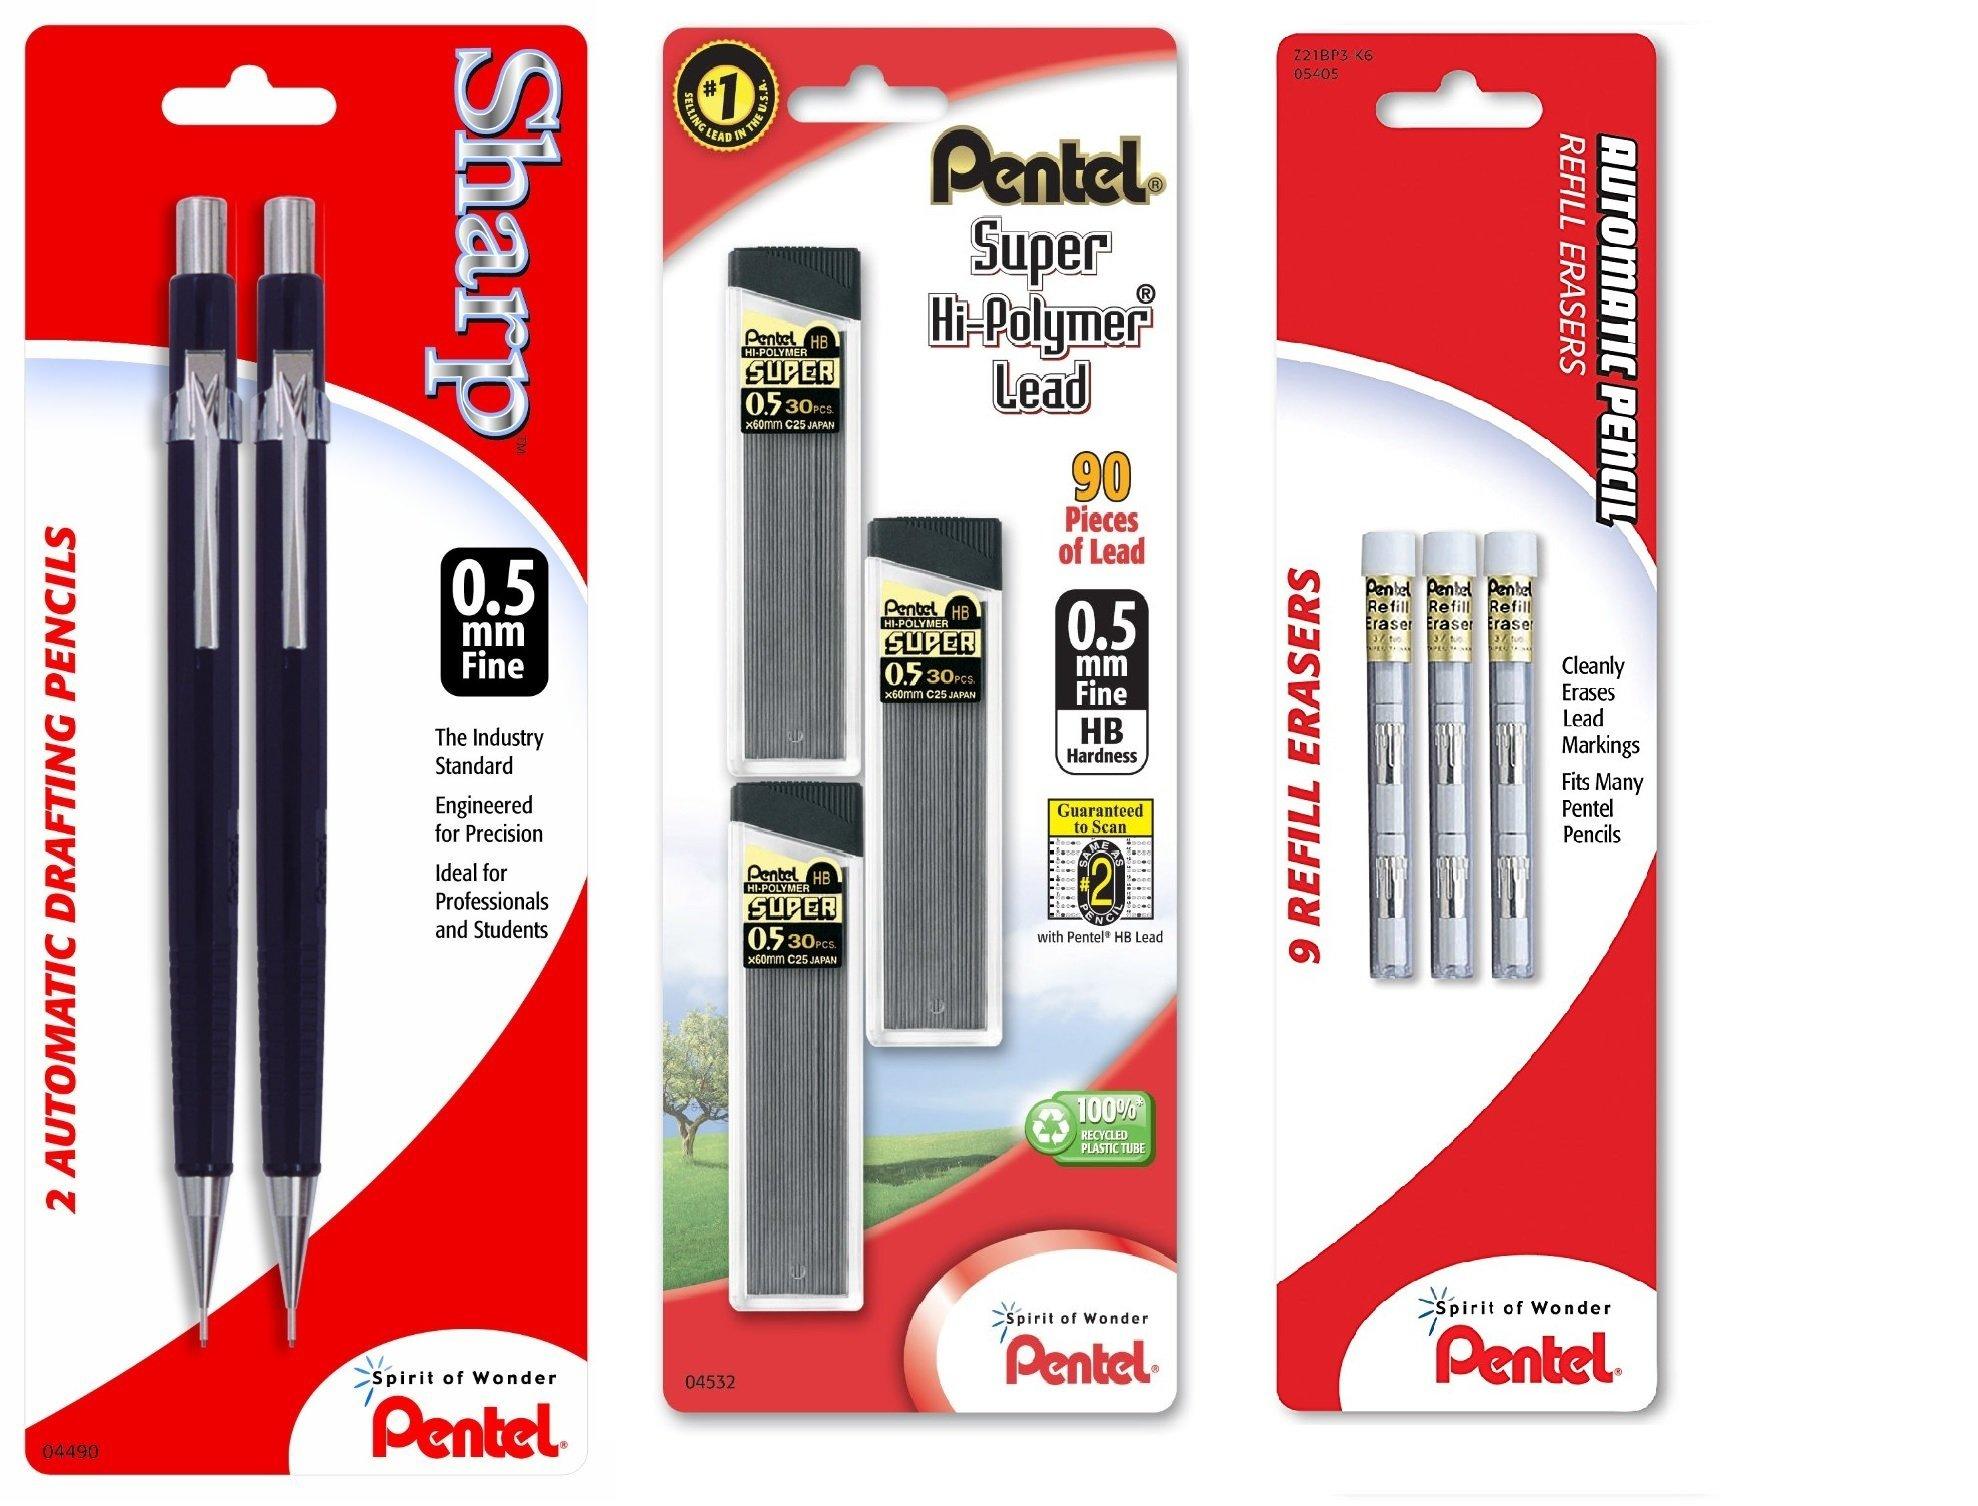 Pentel Sharp Automatic Pencil, 0.5mm, Black Barrels (3)